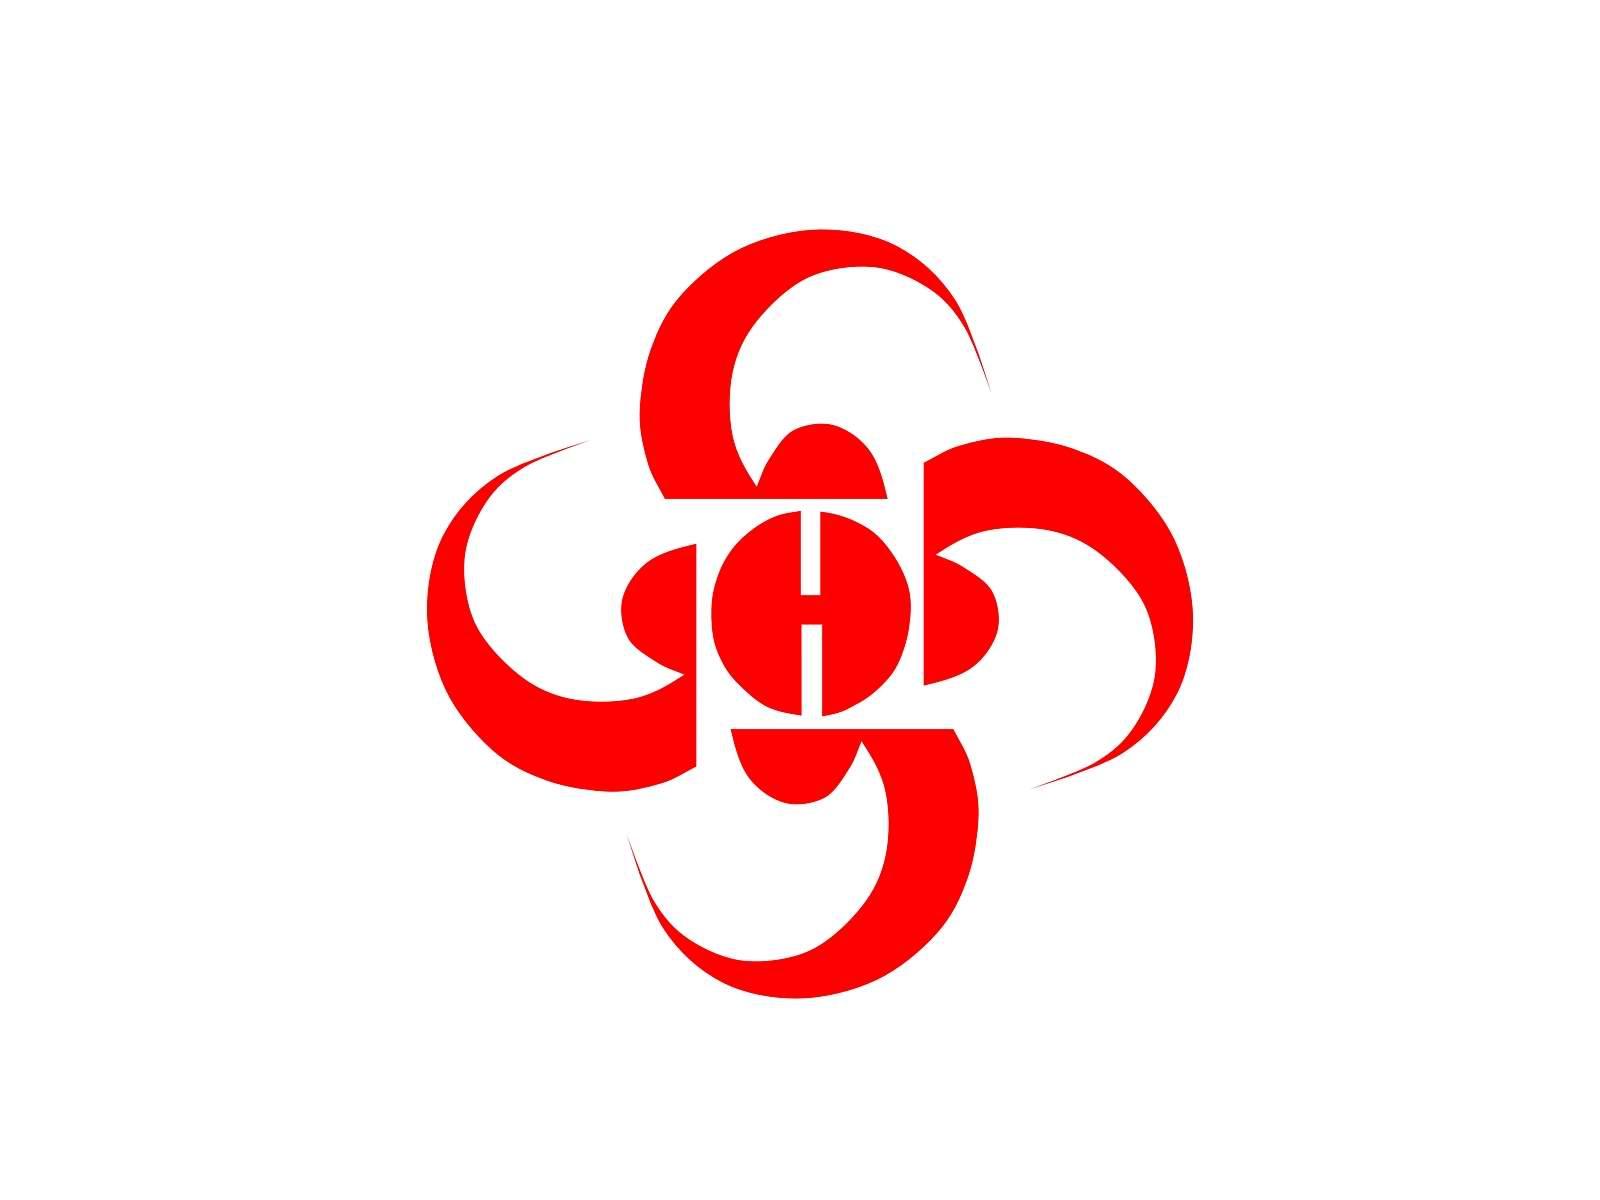 JIANGSU SHIHUA ELECTRIC APPLIANCE GROUP IMP & EXP CO., LTD.